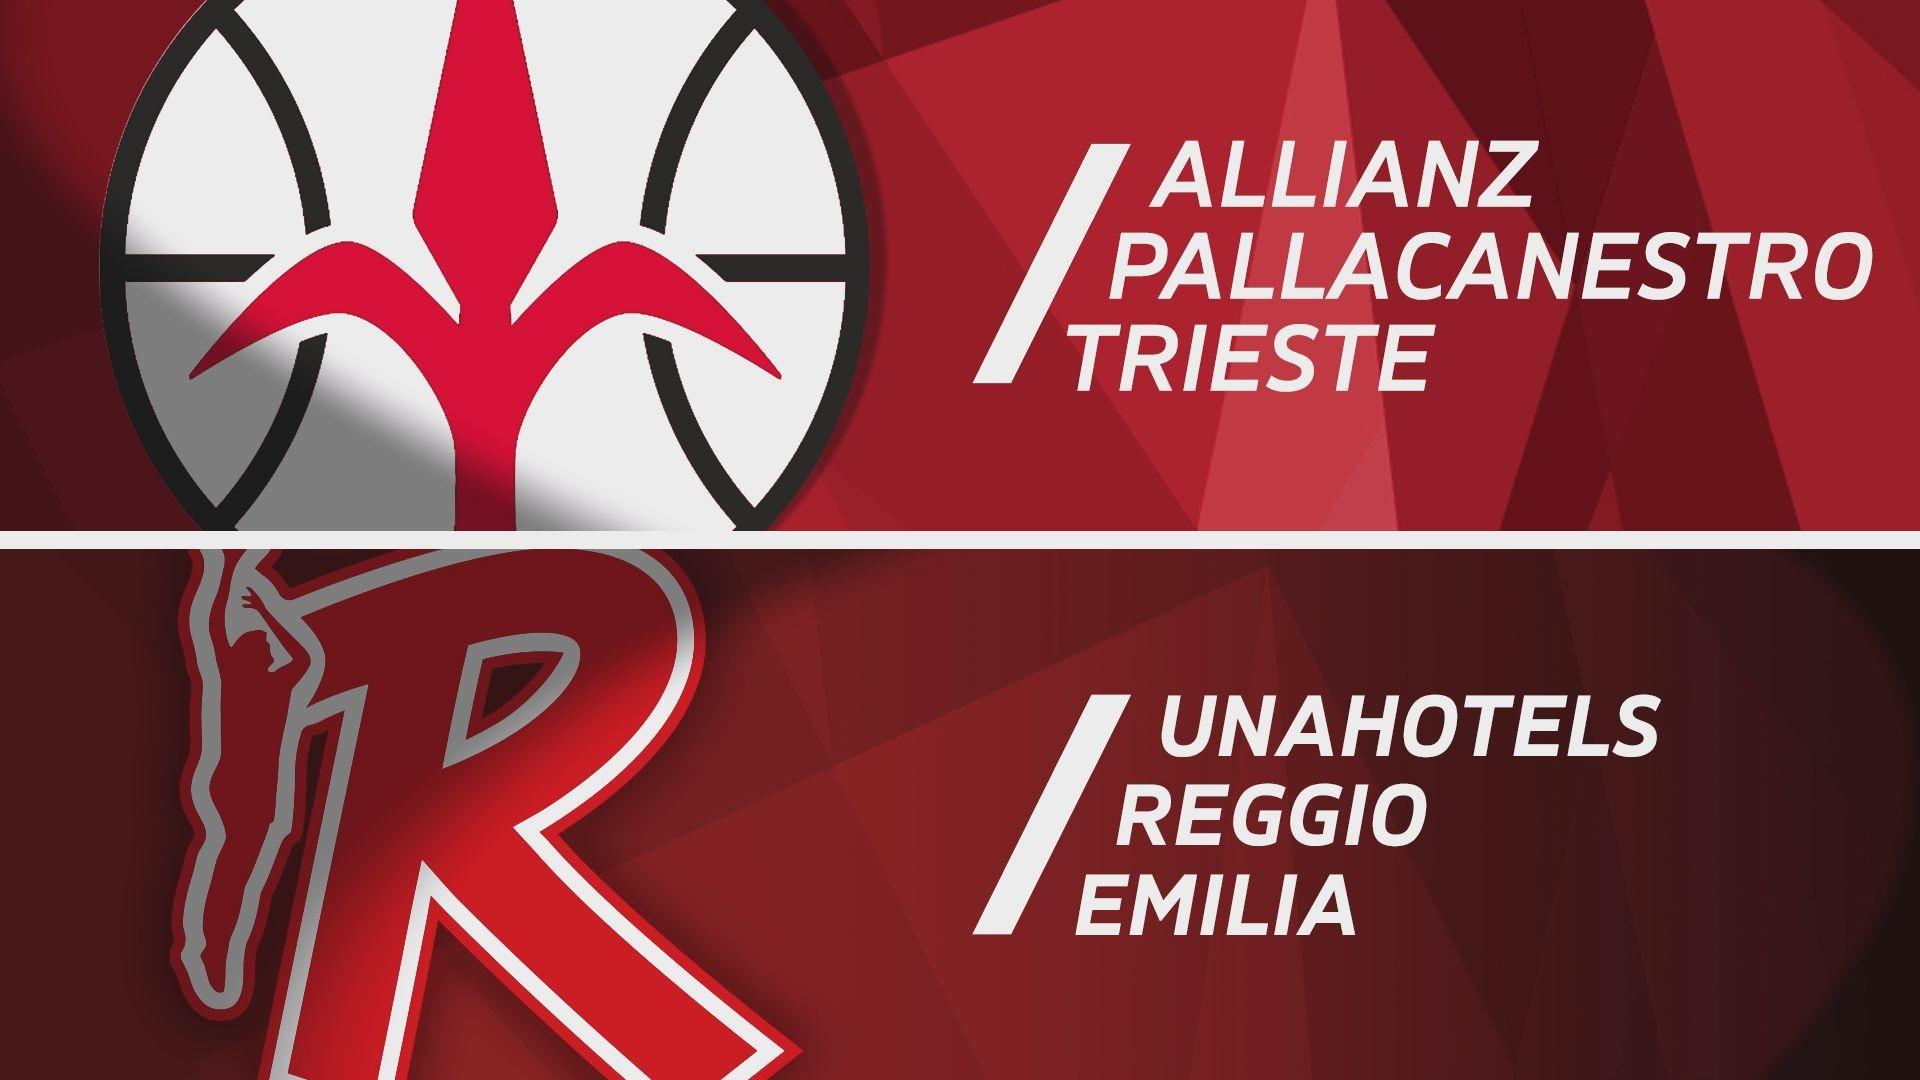 Allianz Pallacanestro Trieste-UNAHOTELS Reggio Emilia 78-67